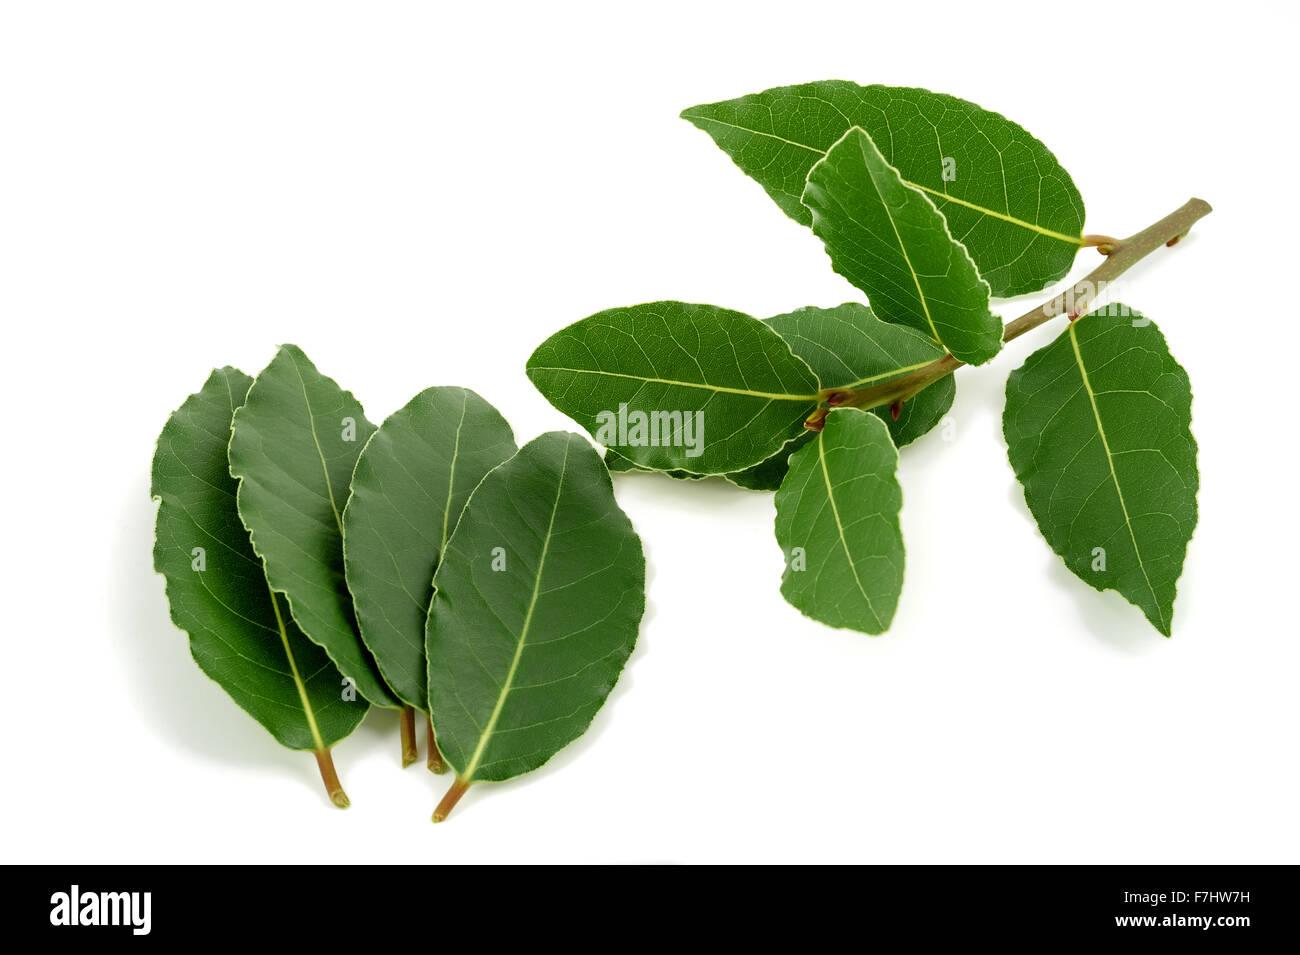 Lorbeerzweig und Blätter isoliert auf weißem Hintergrund Stockbild